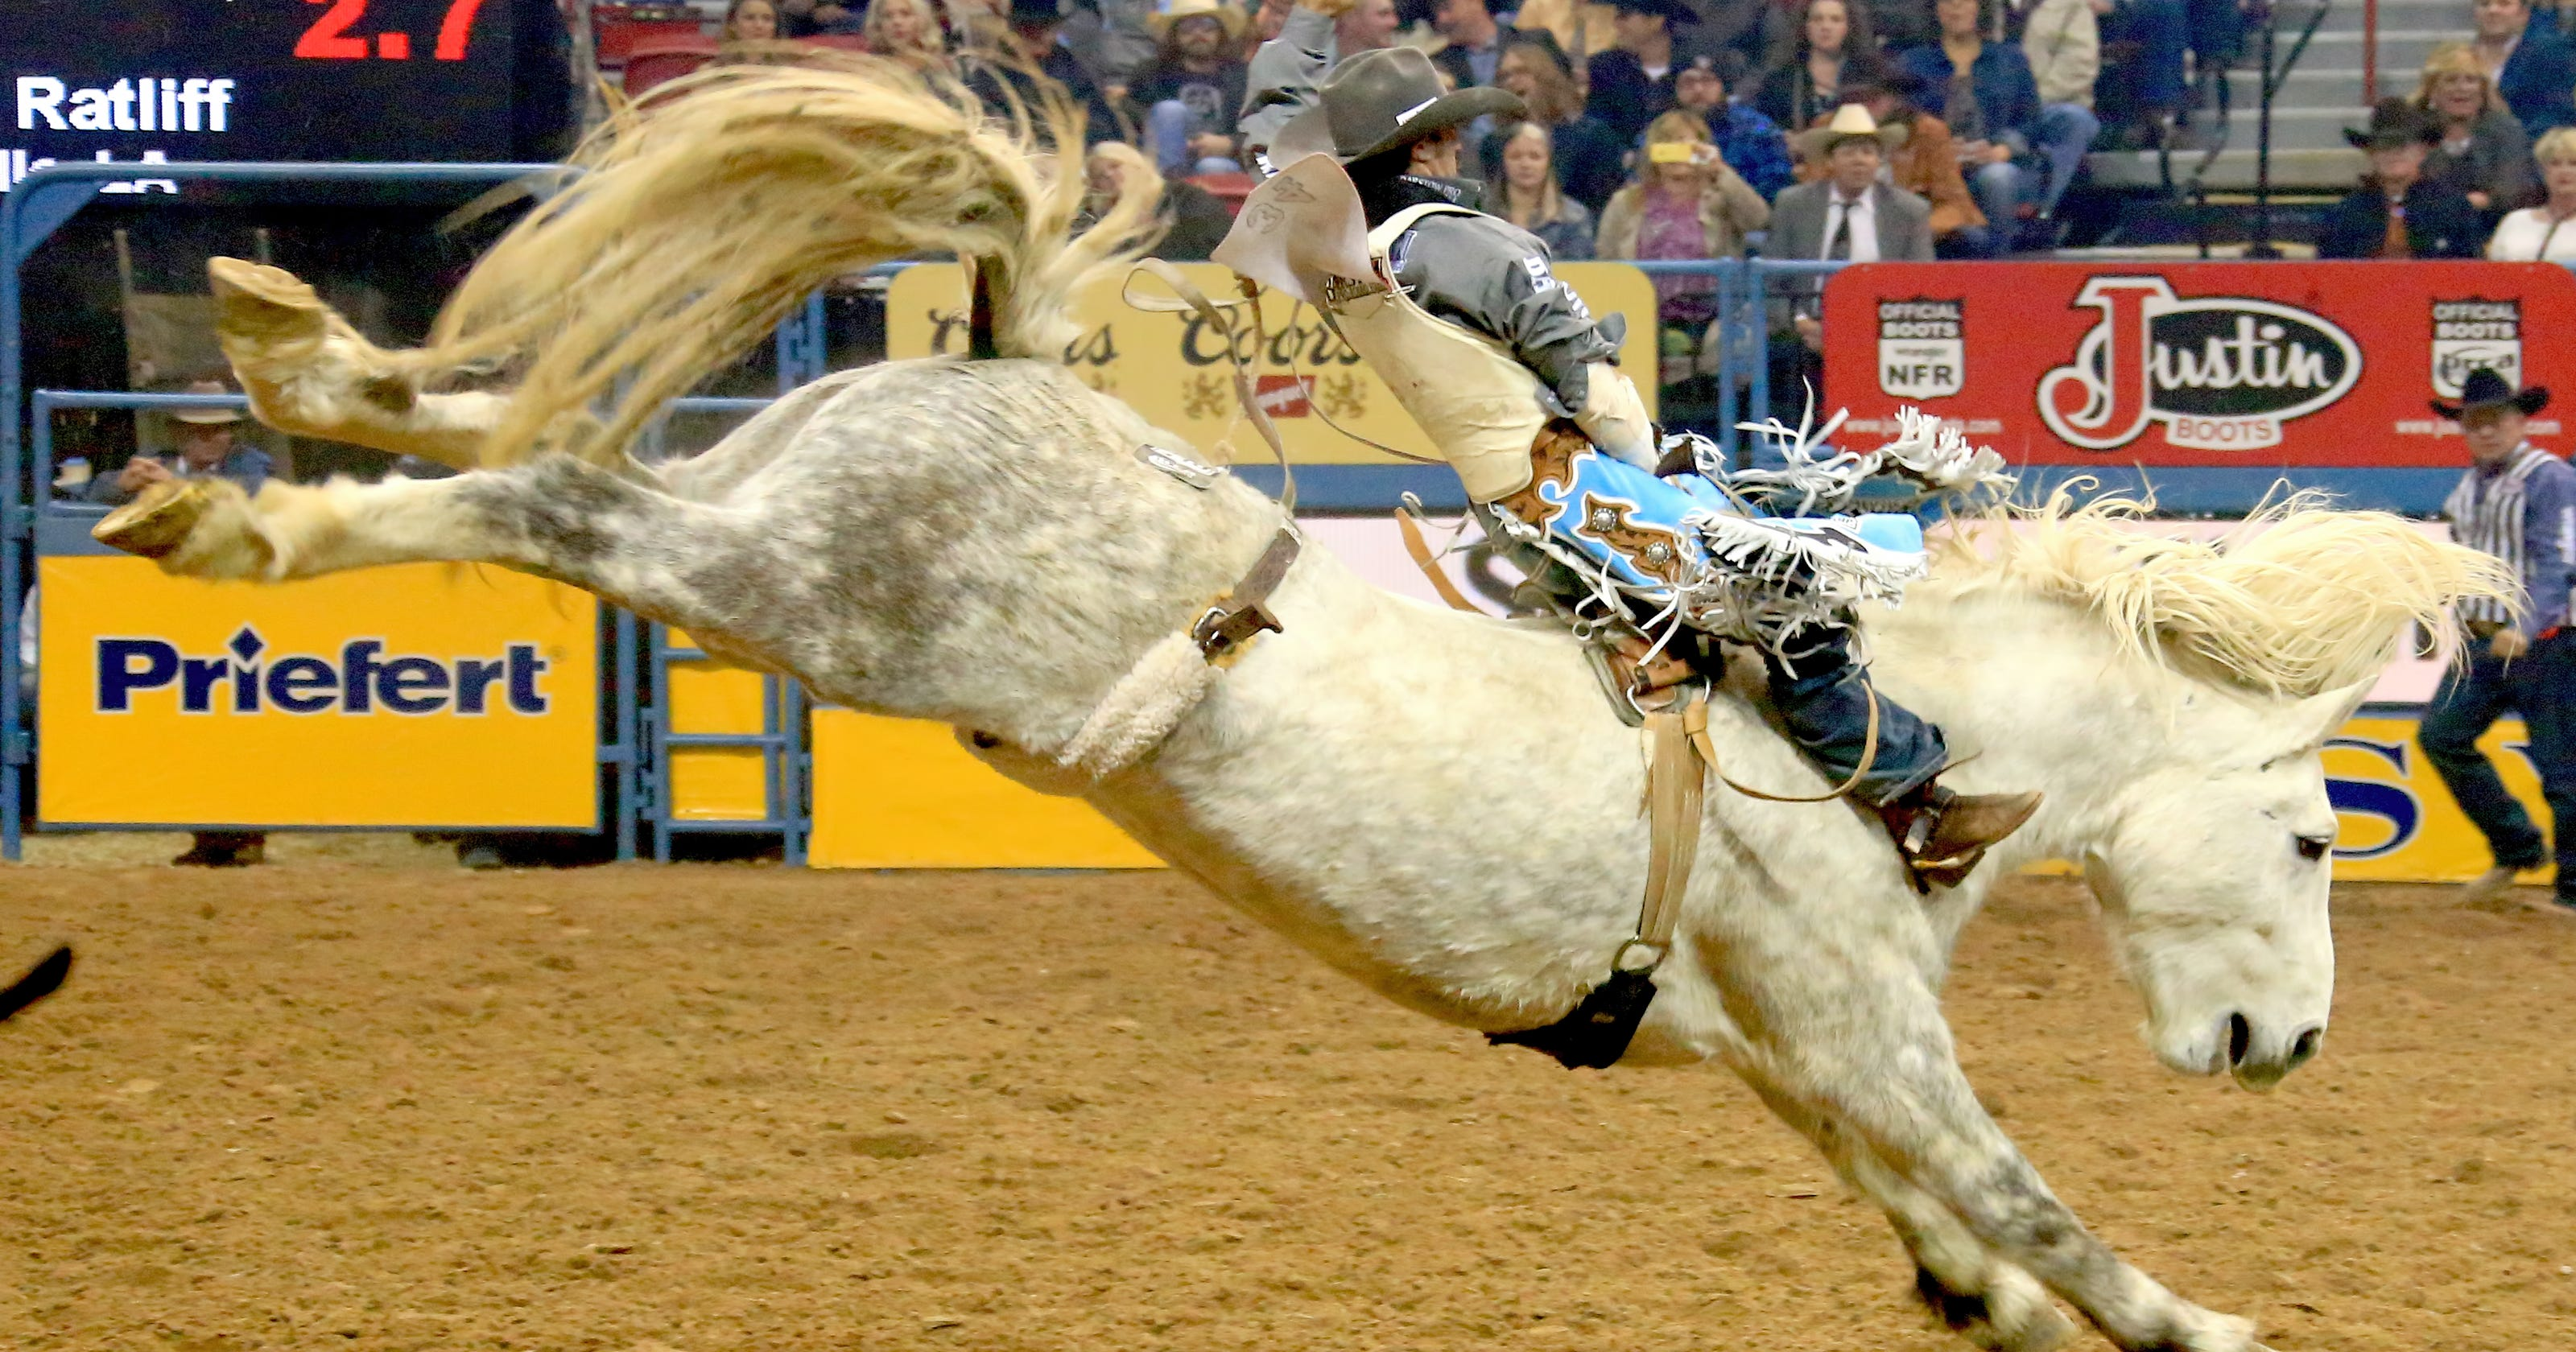 Nfr Calendar.Montana Bucking Horse Bound For National Finals Rodeo